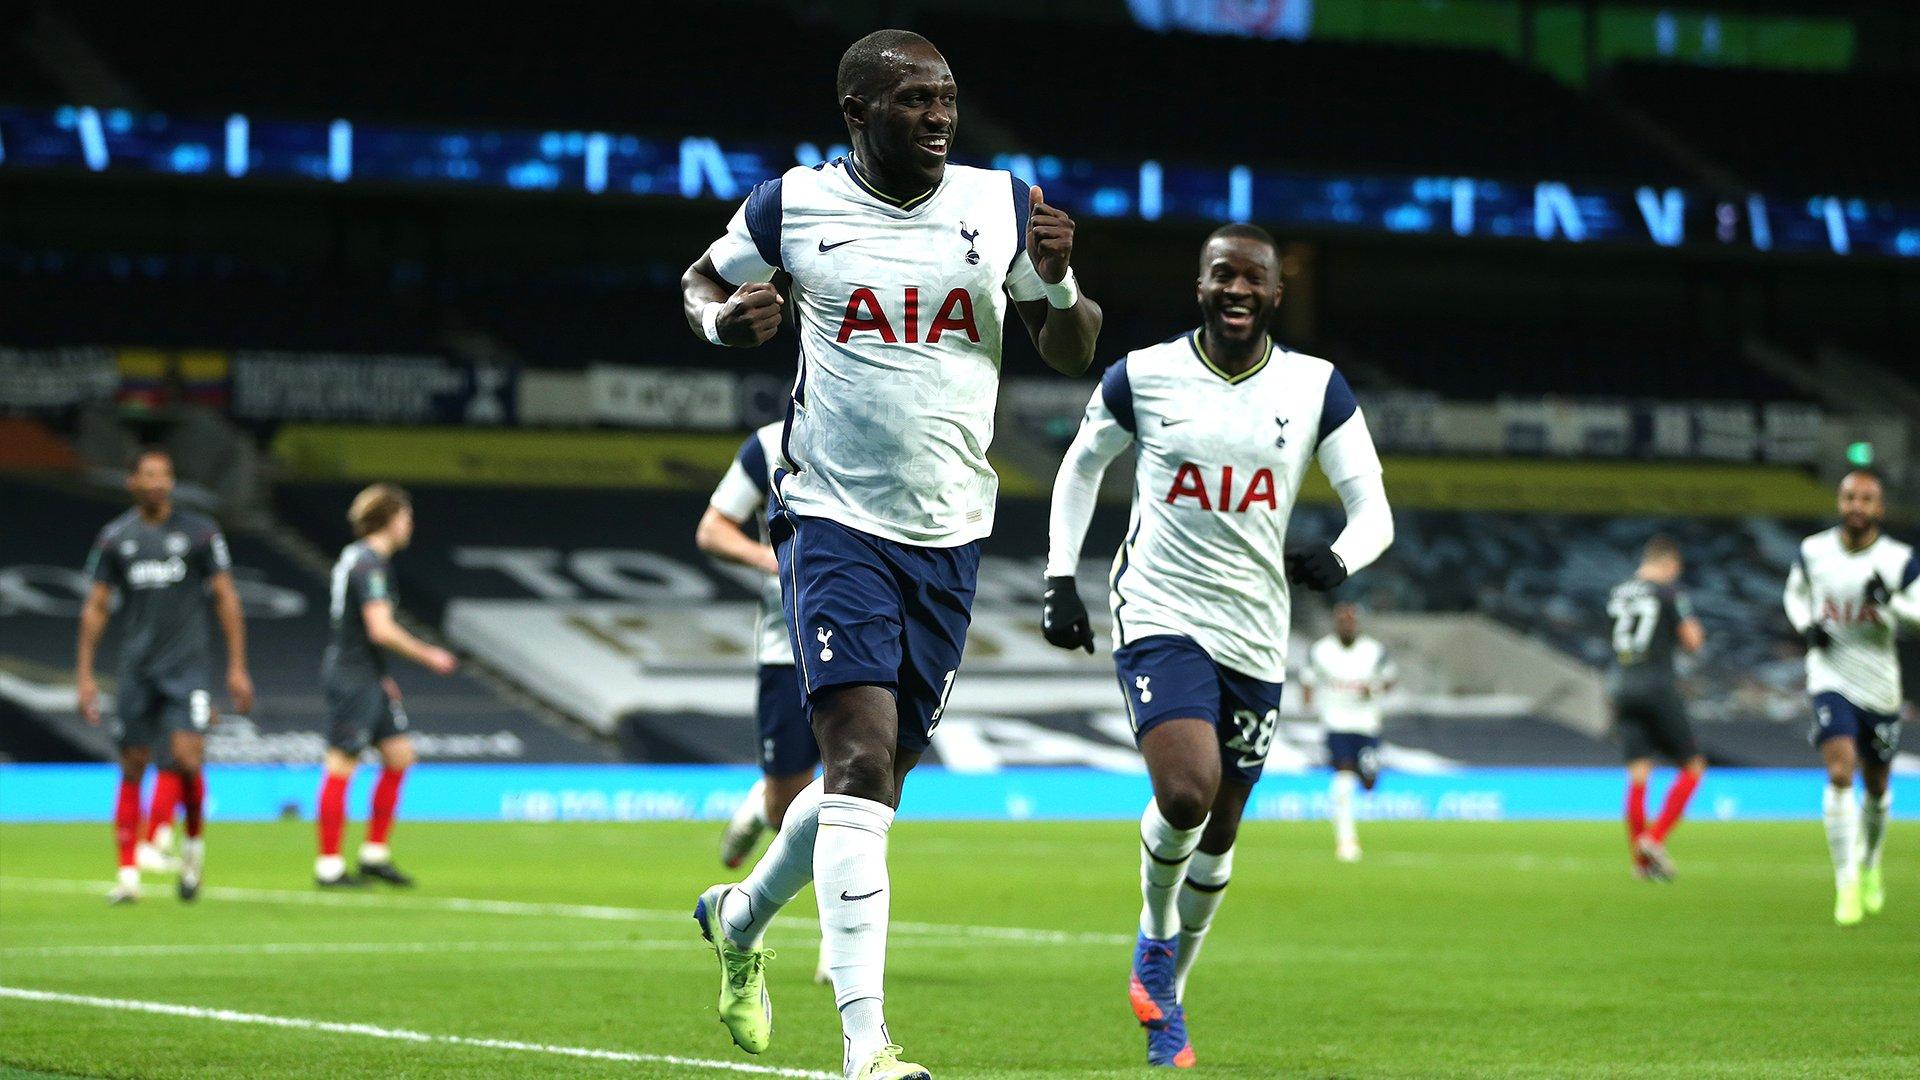 Spurs Through To Carabao Cup Final